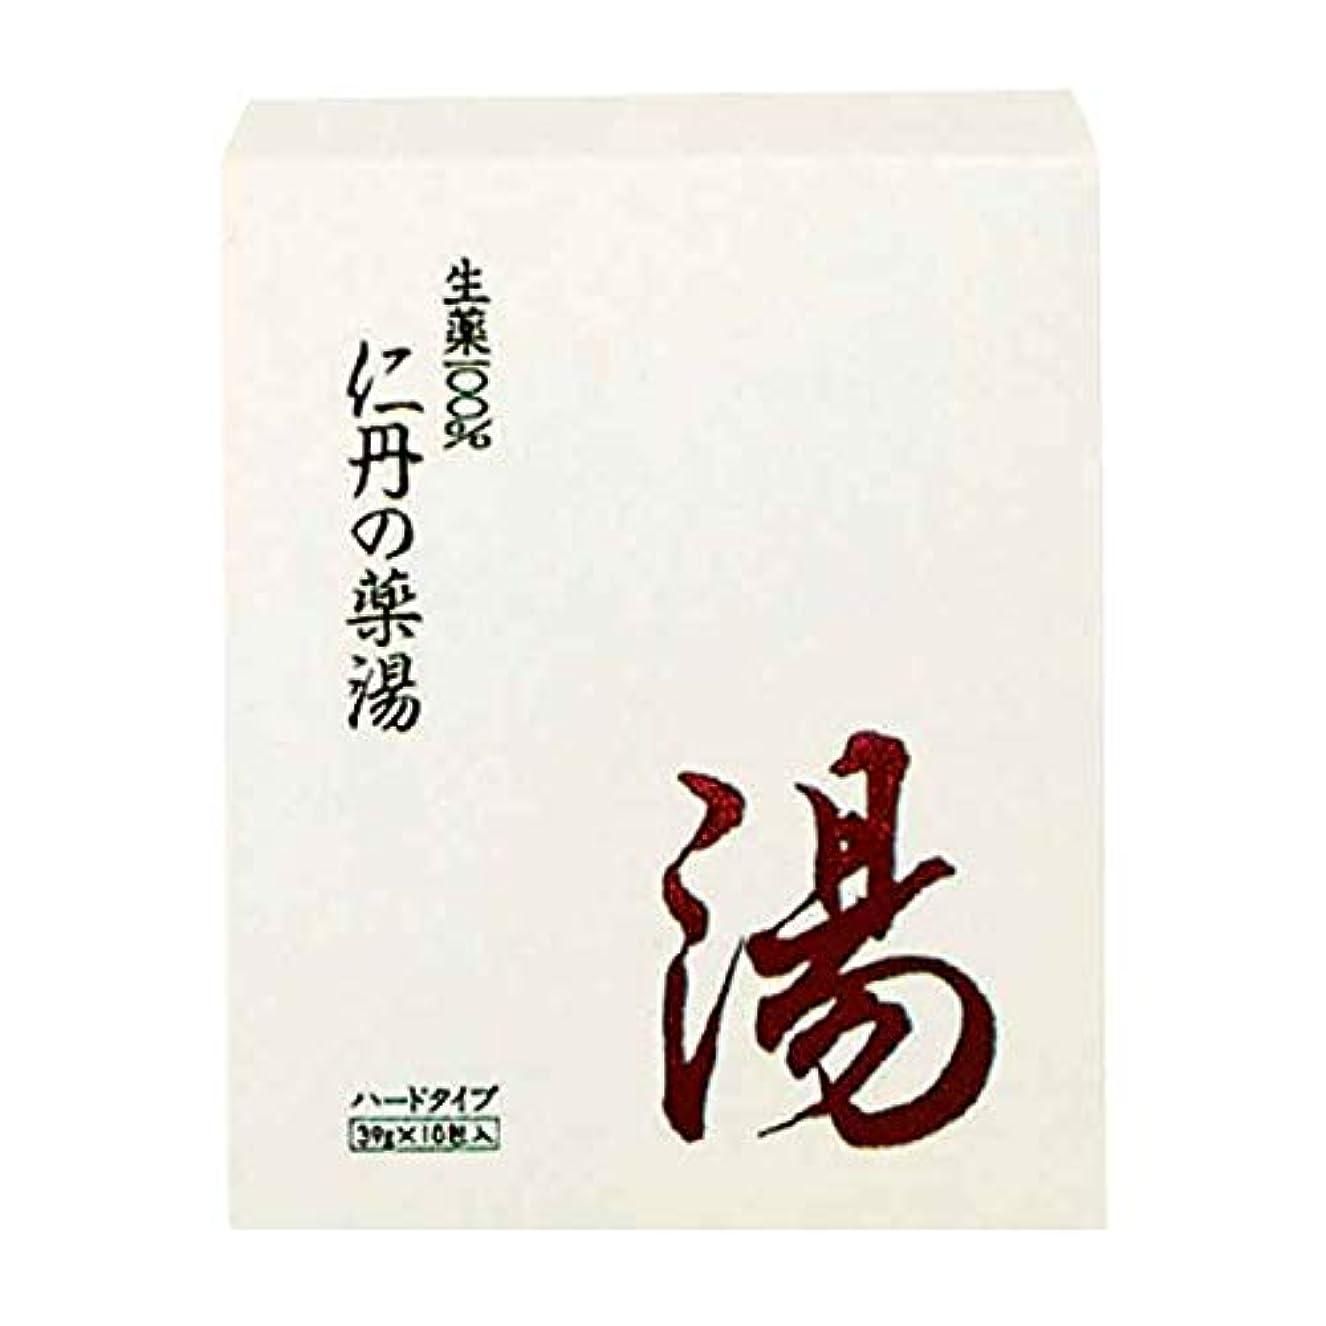 凝視アレルギー性である森下仁丹 仁丹の薬湯(ハード) 10包 [医薬部外品]